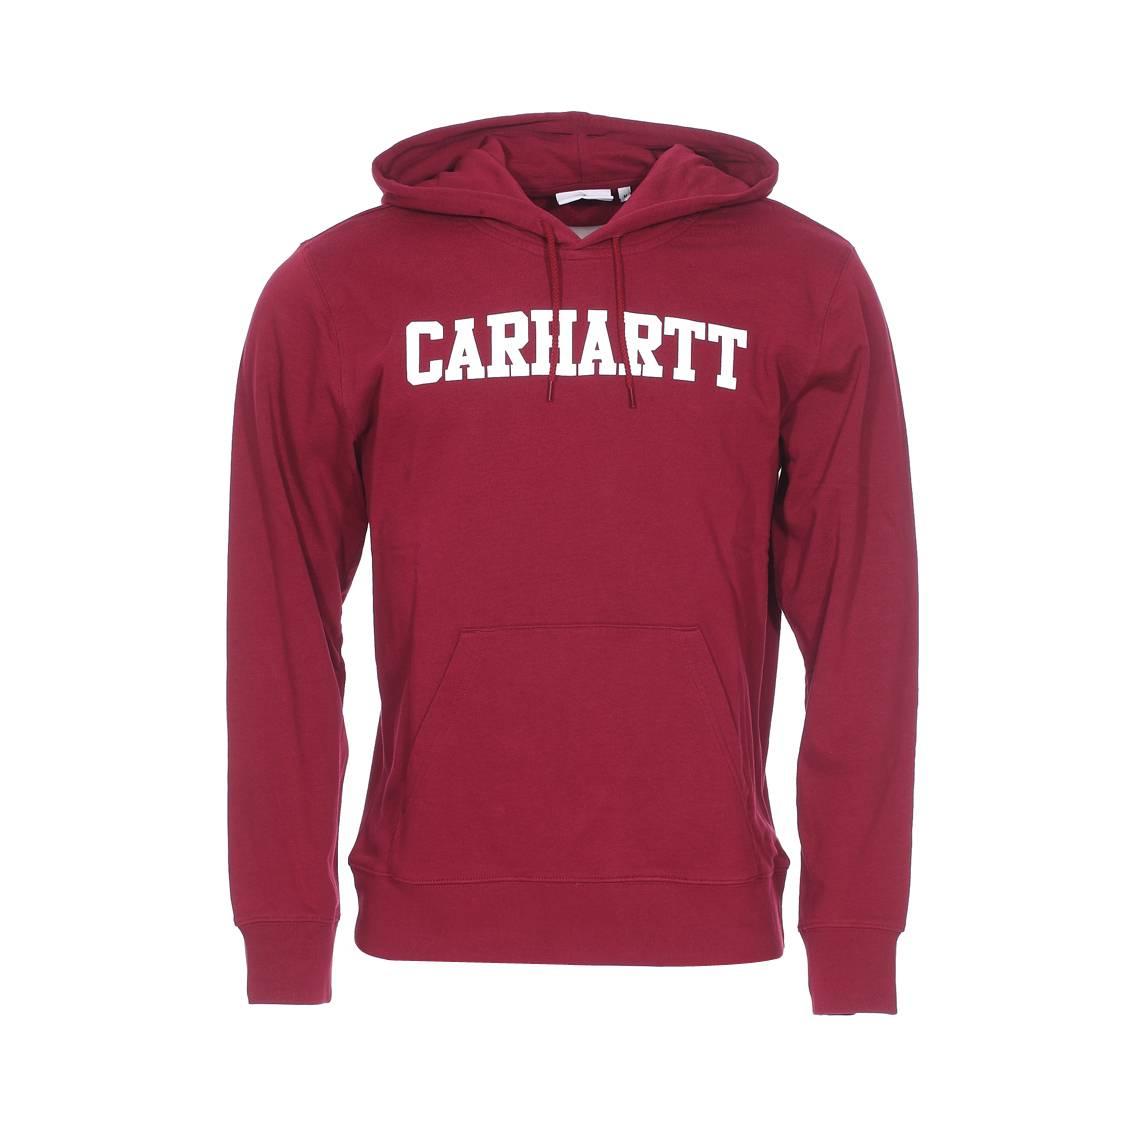 1a786f396cbf1 Sweat à capuche Carhartt WIP College en coton bordeaux floqué en blanc ...